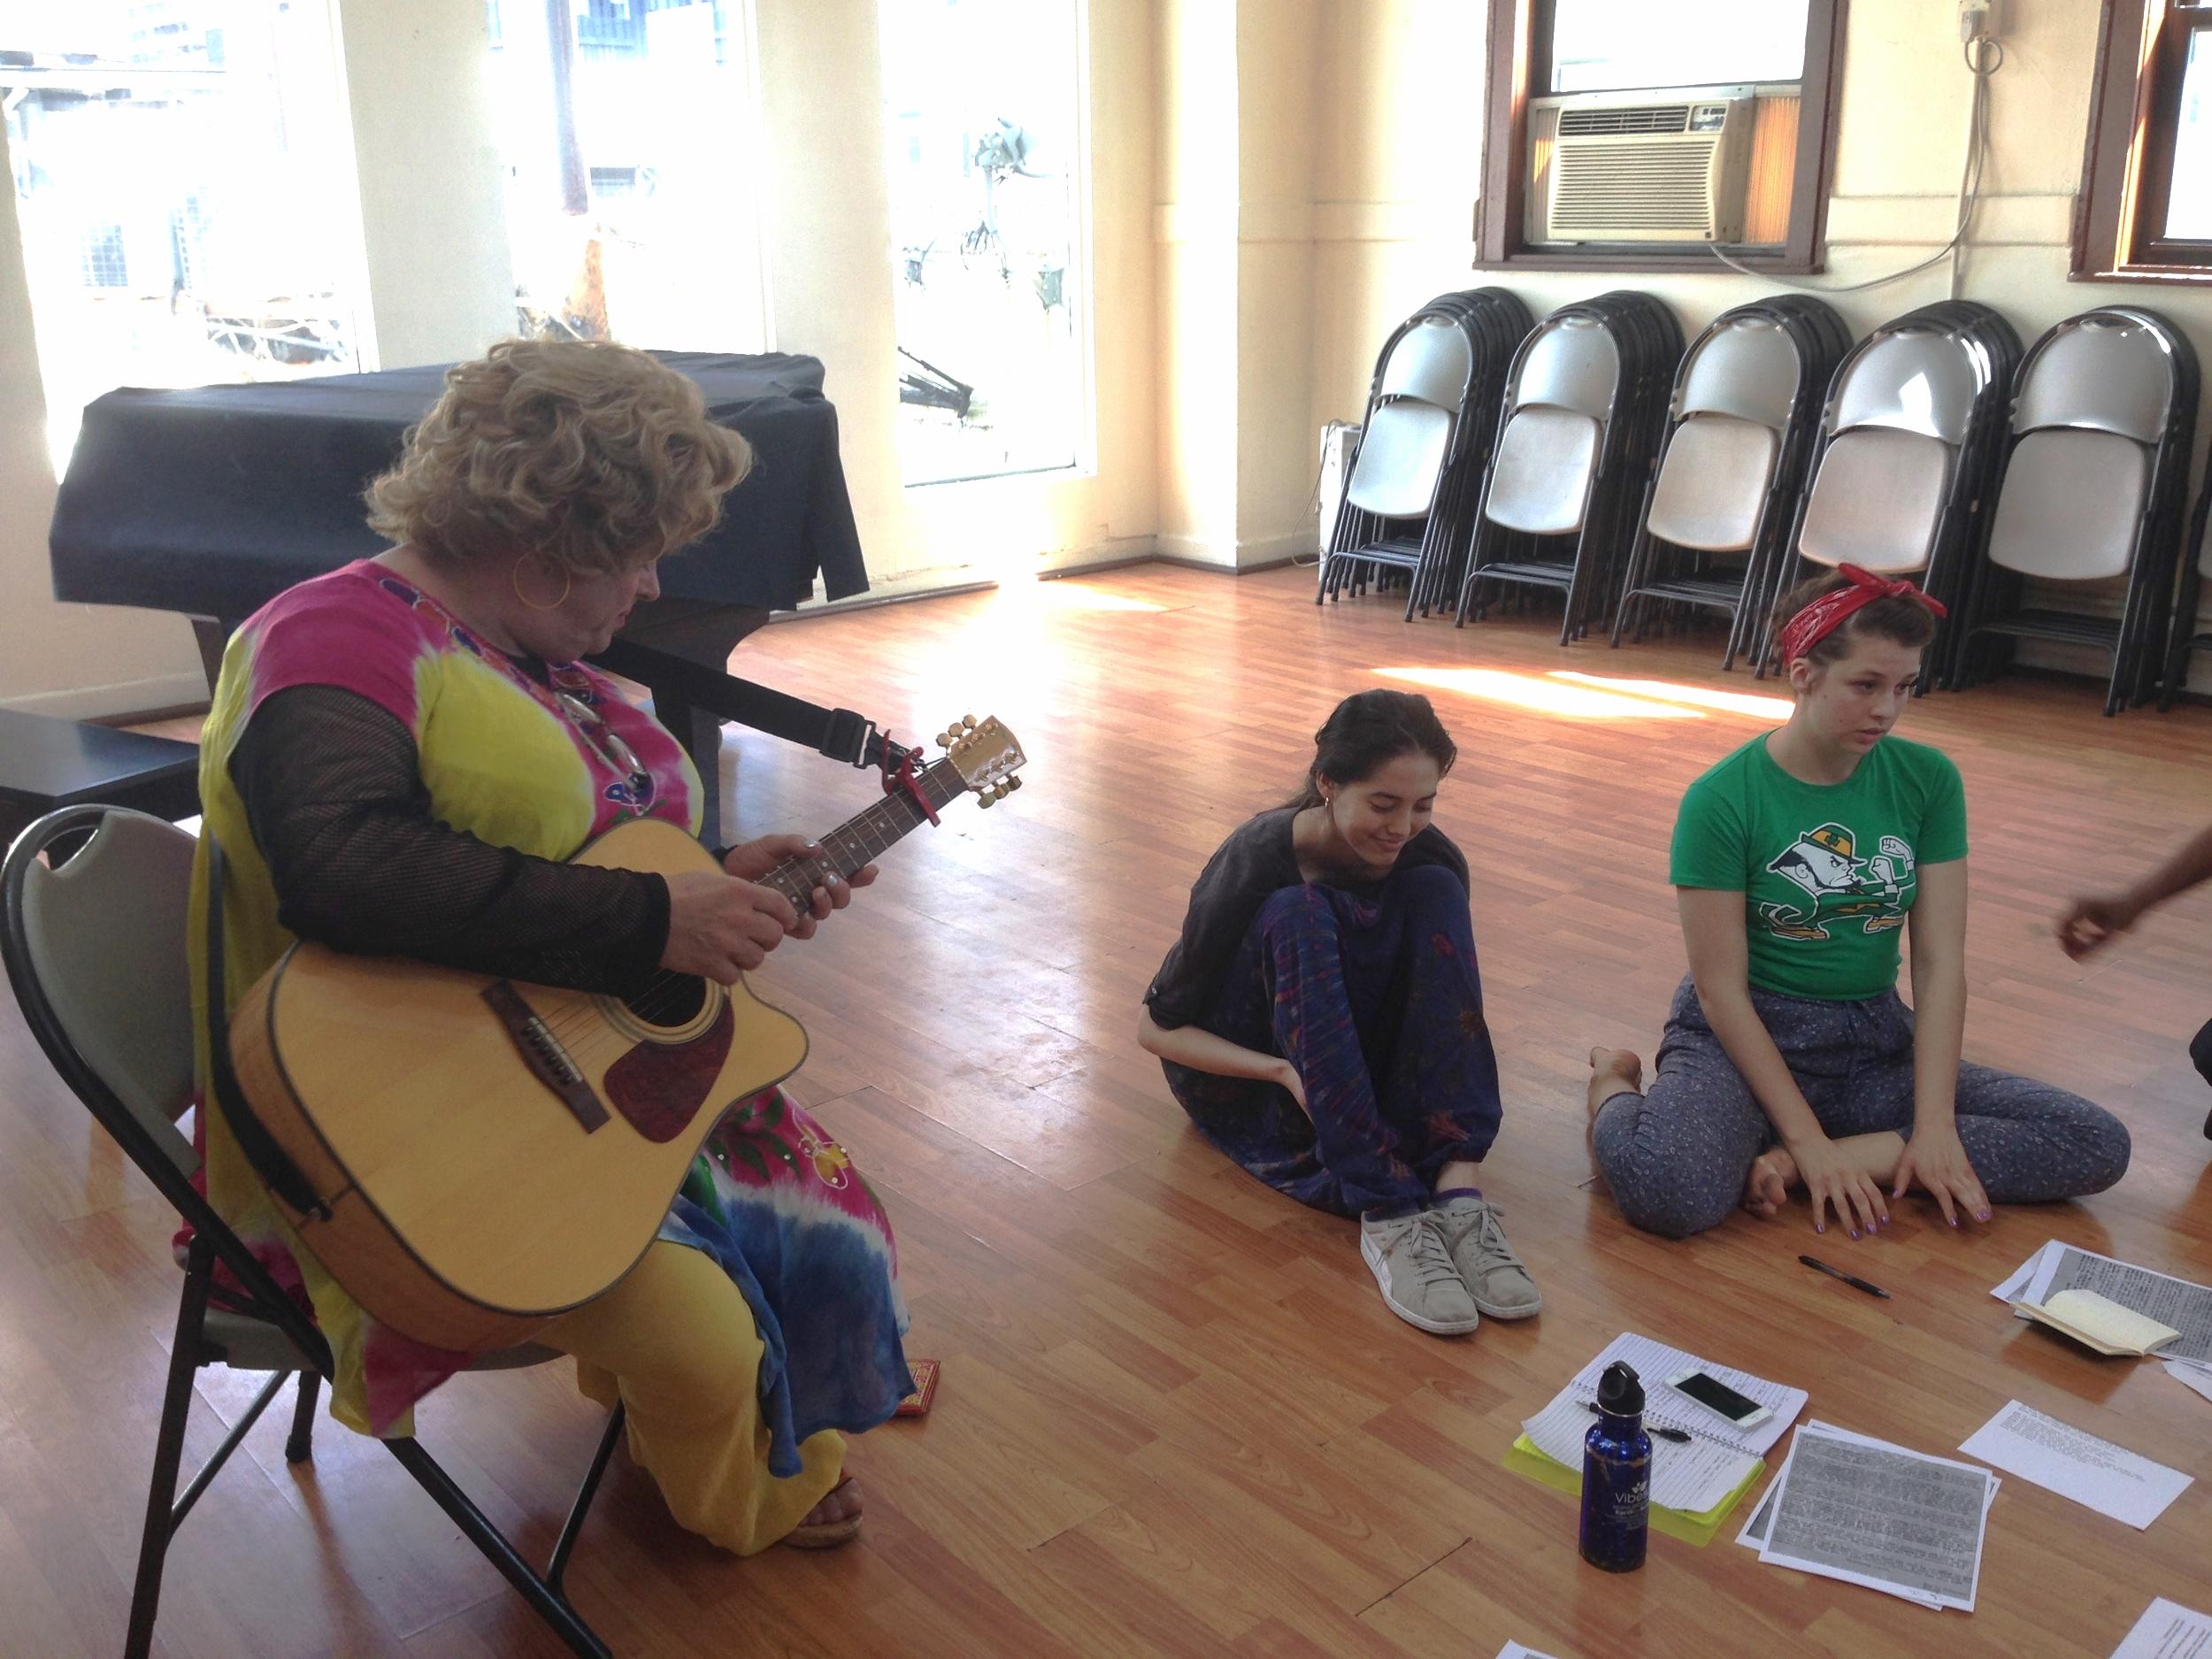 Yolanda Improvising on Guitar